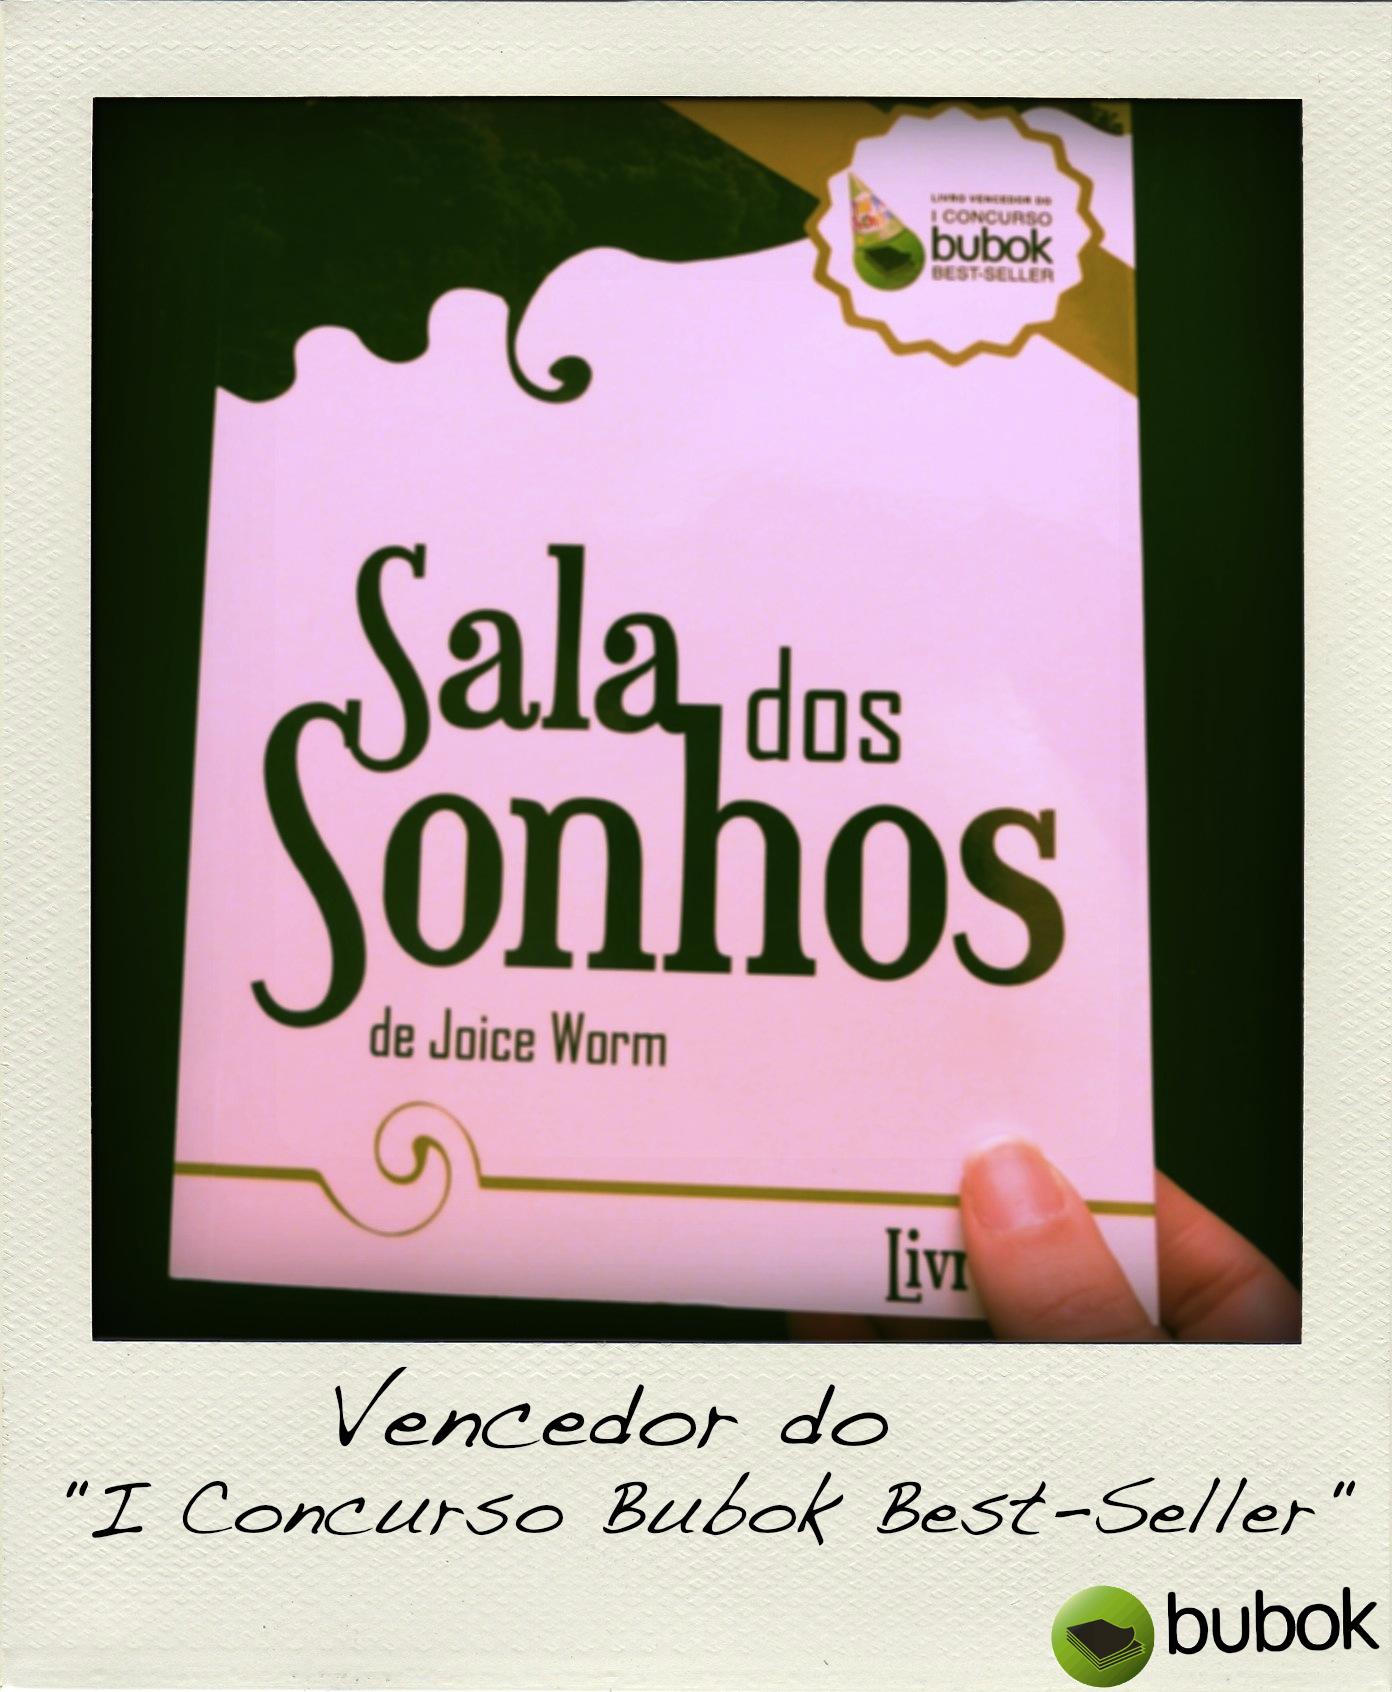 """Lançamento do livro vencedor do """"I Concurso Bubok Best-Seller"""""""